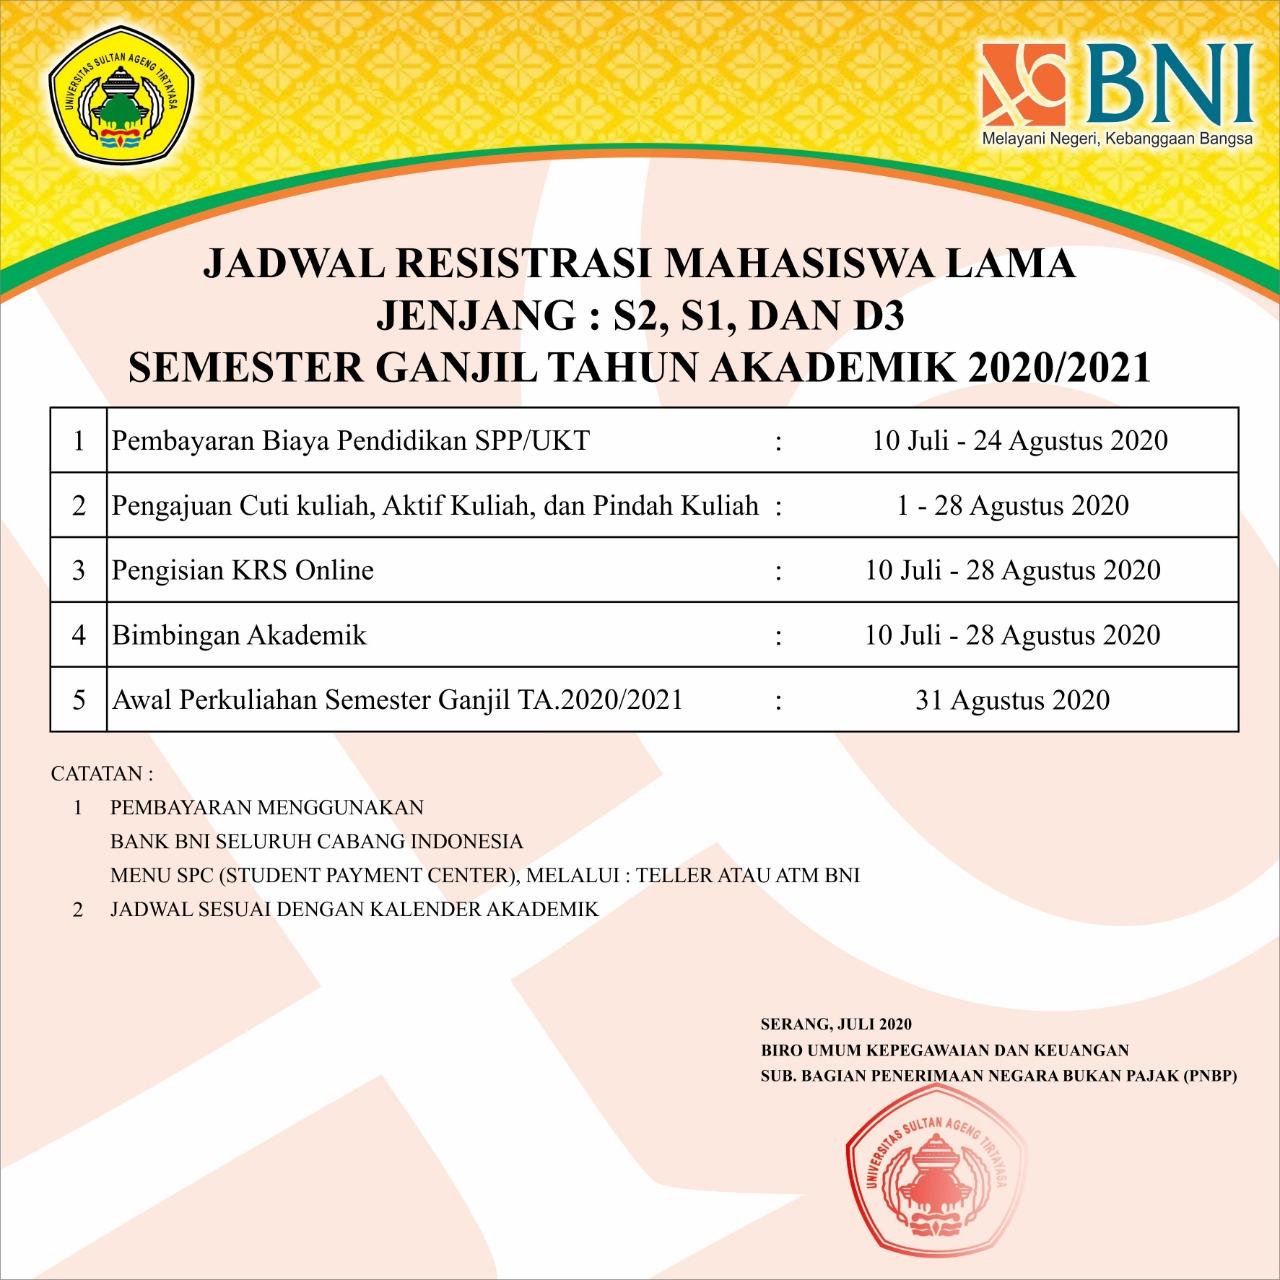 Jadwal Registrasi Mahasiswa Lama Untirta Semester Ganjil T.A 2020/2021